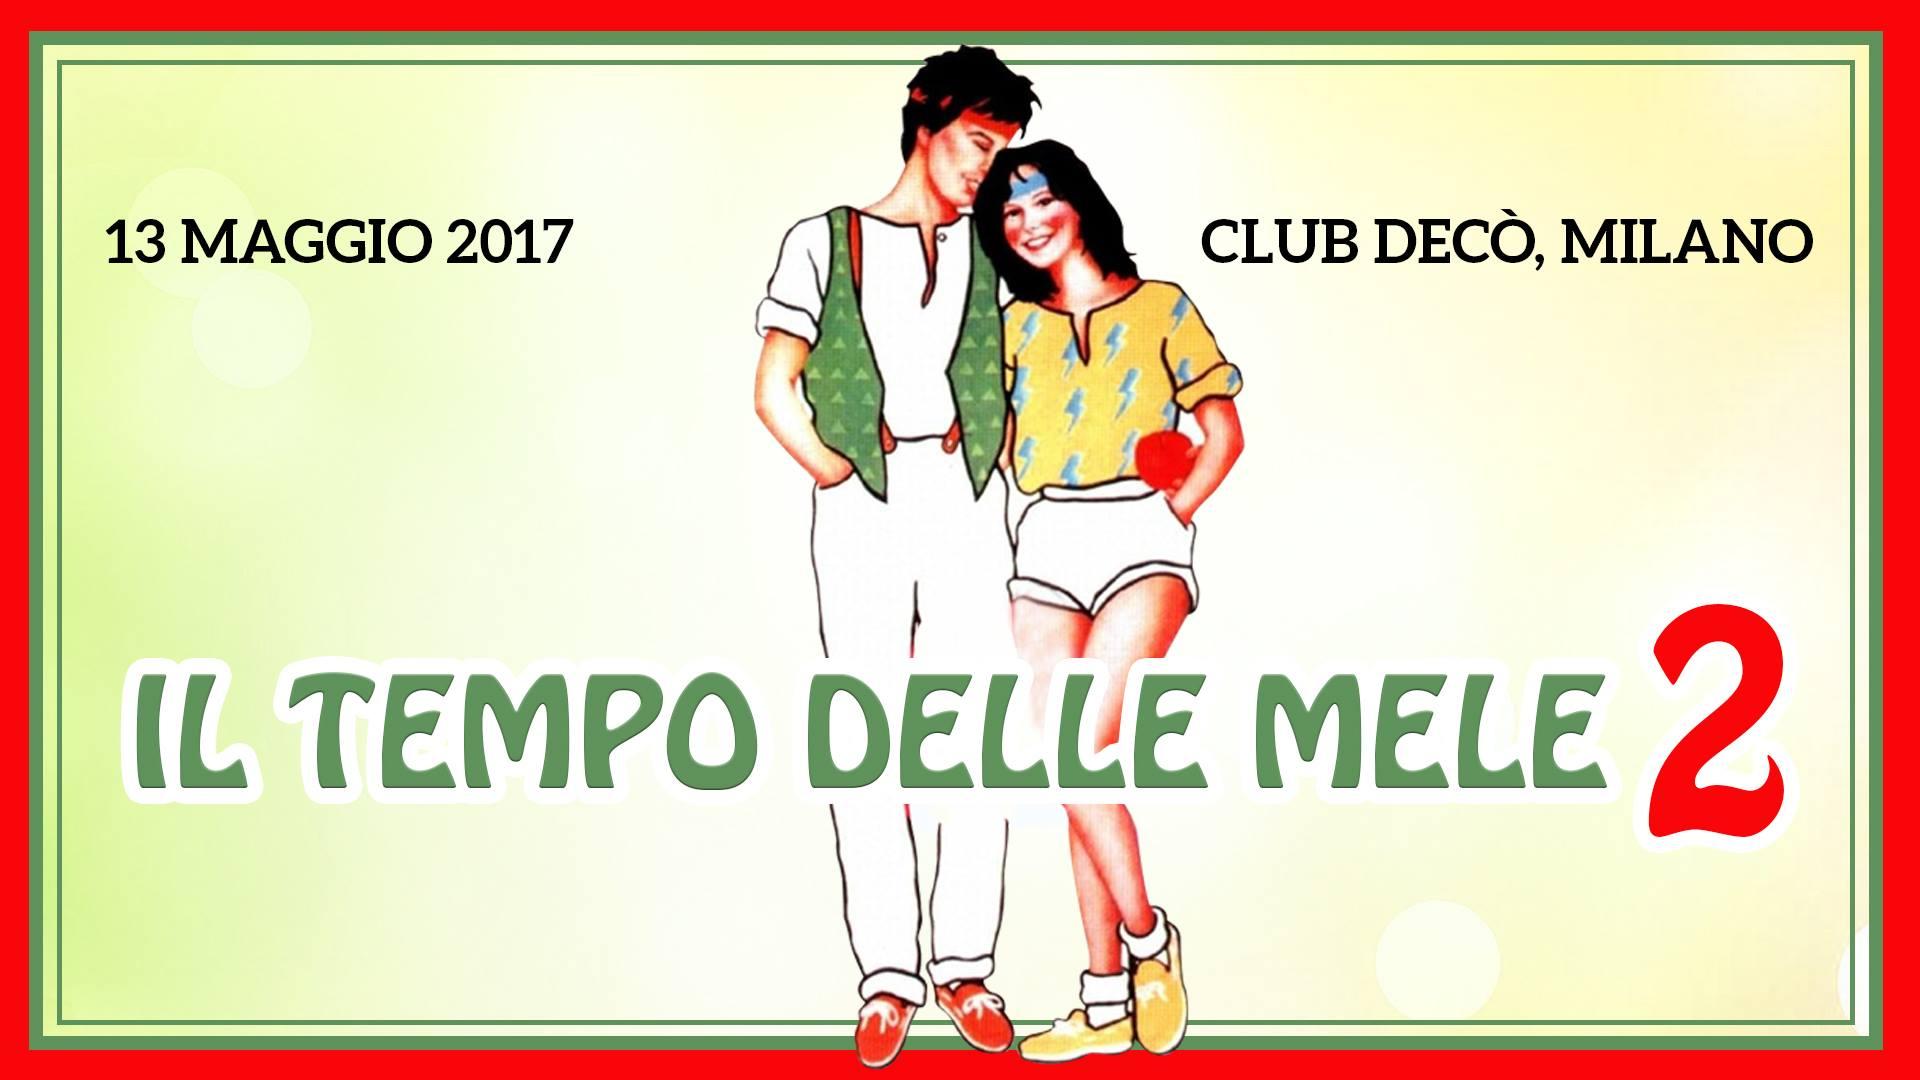 Single party milano club deco info e prenotazioni 39 3282345620 - Club deco ...